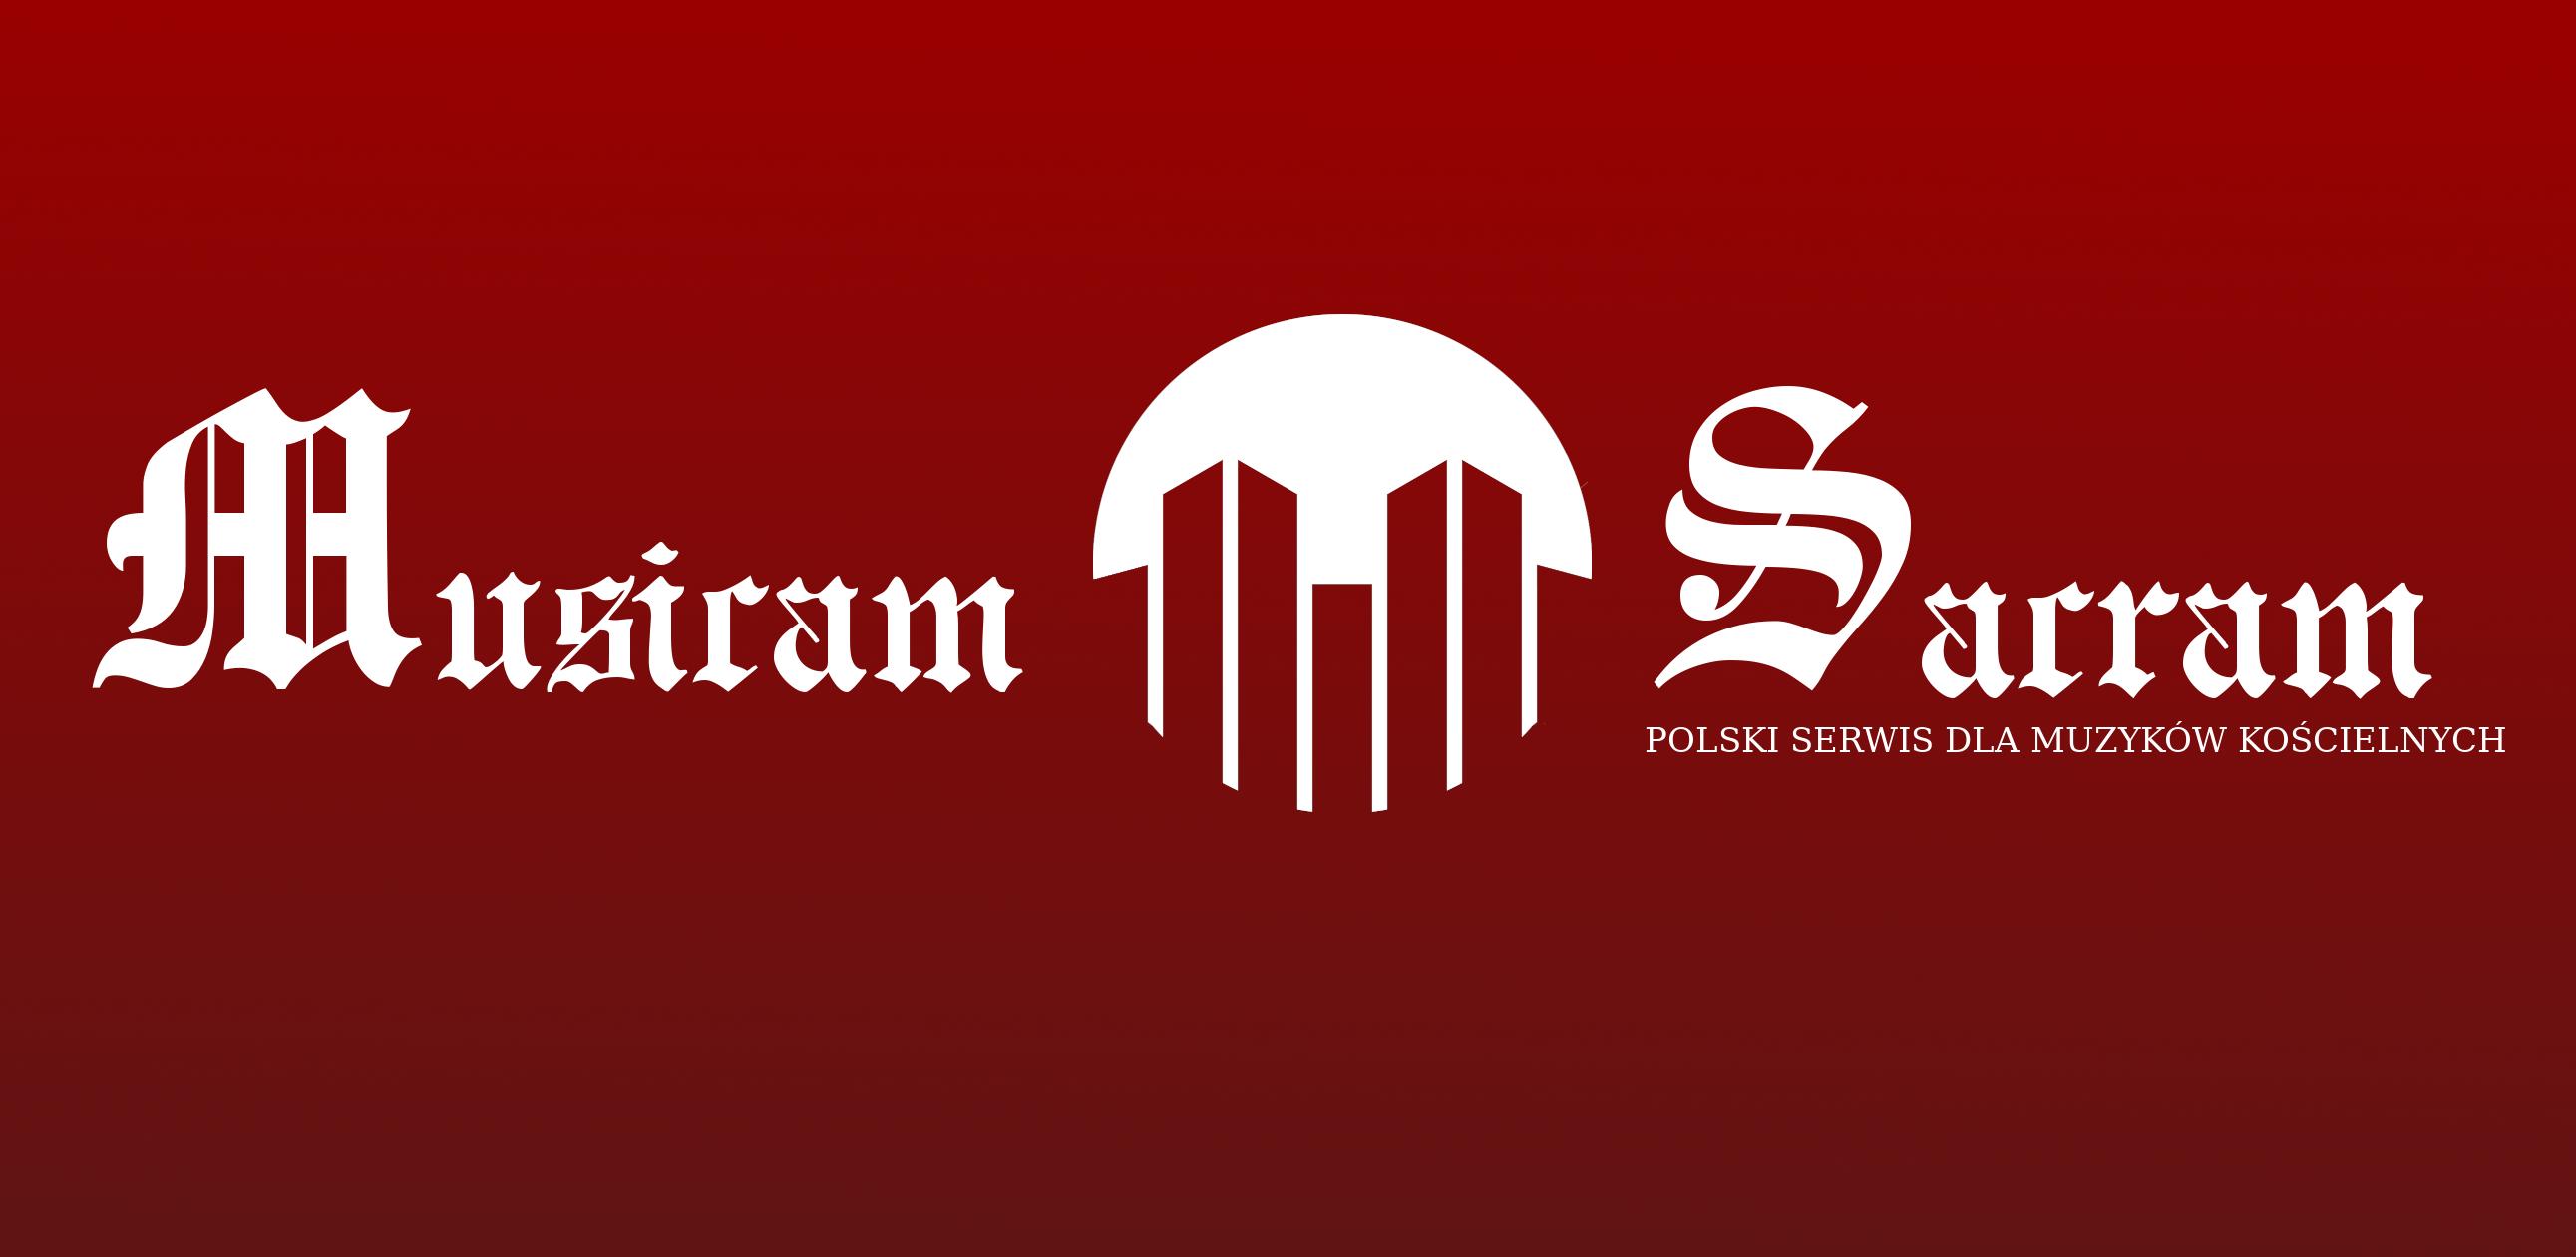 MusicamSacram - Serwis dla Muzyków kościelnych